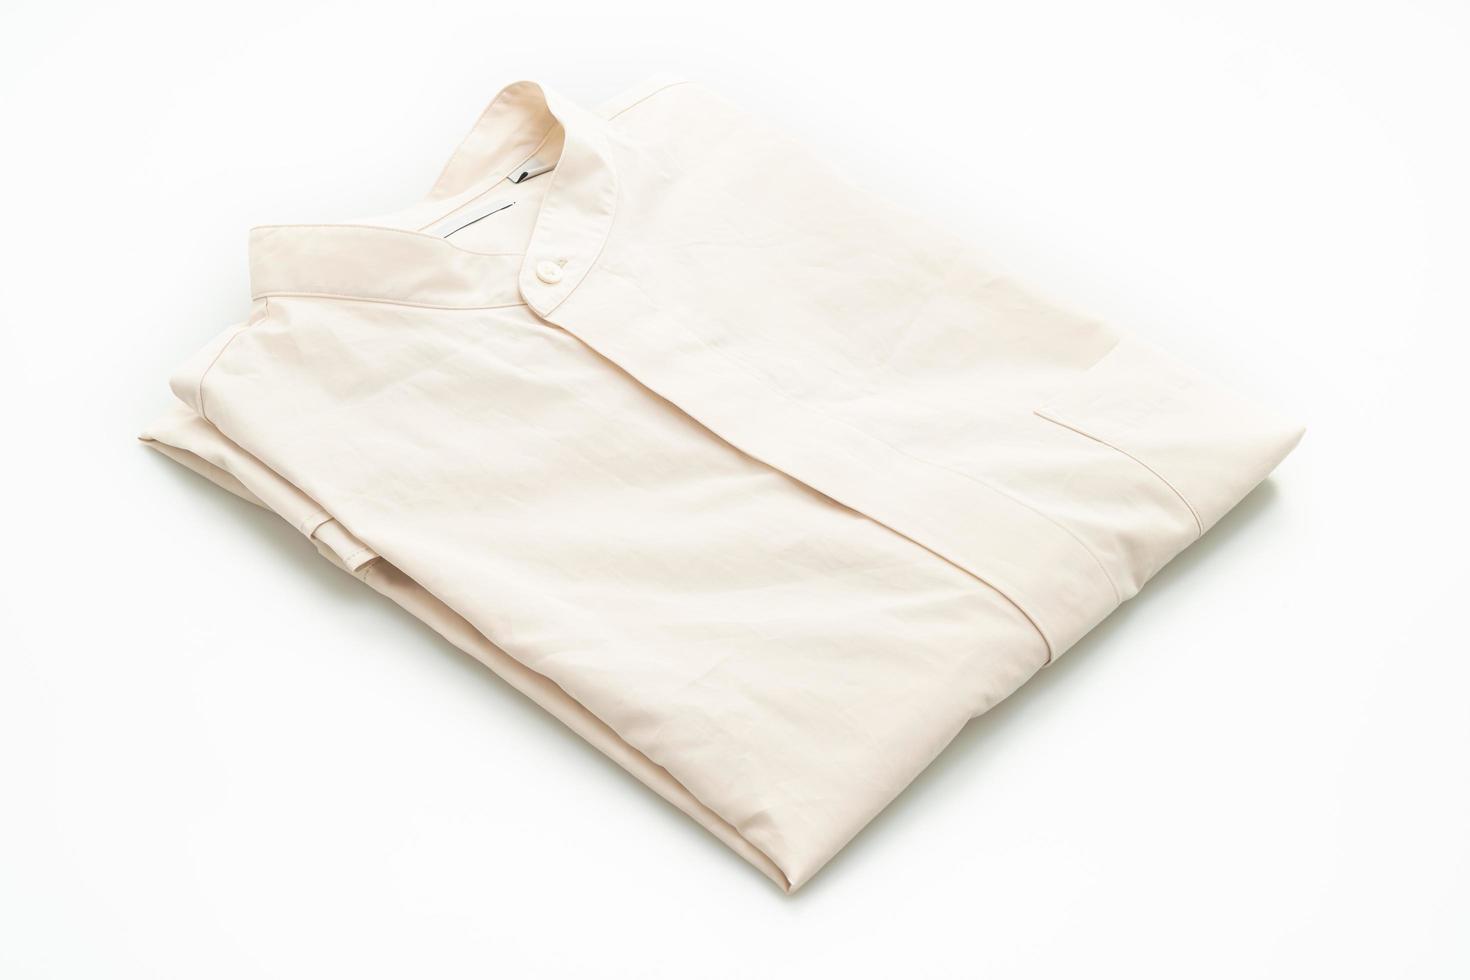 camicia beige piegata isolata su sfondo bianco foto